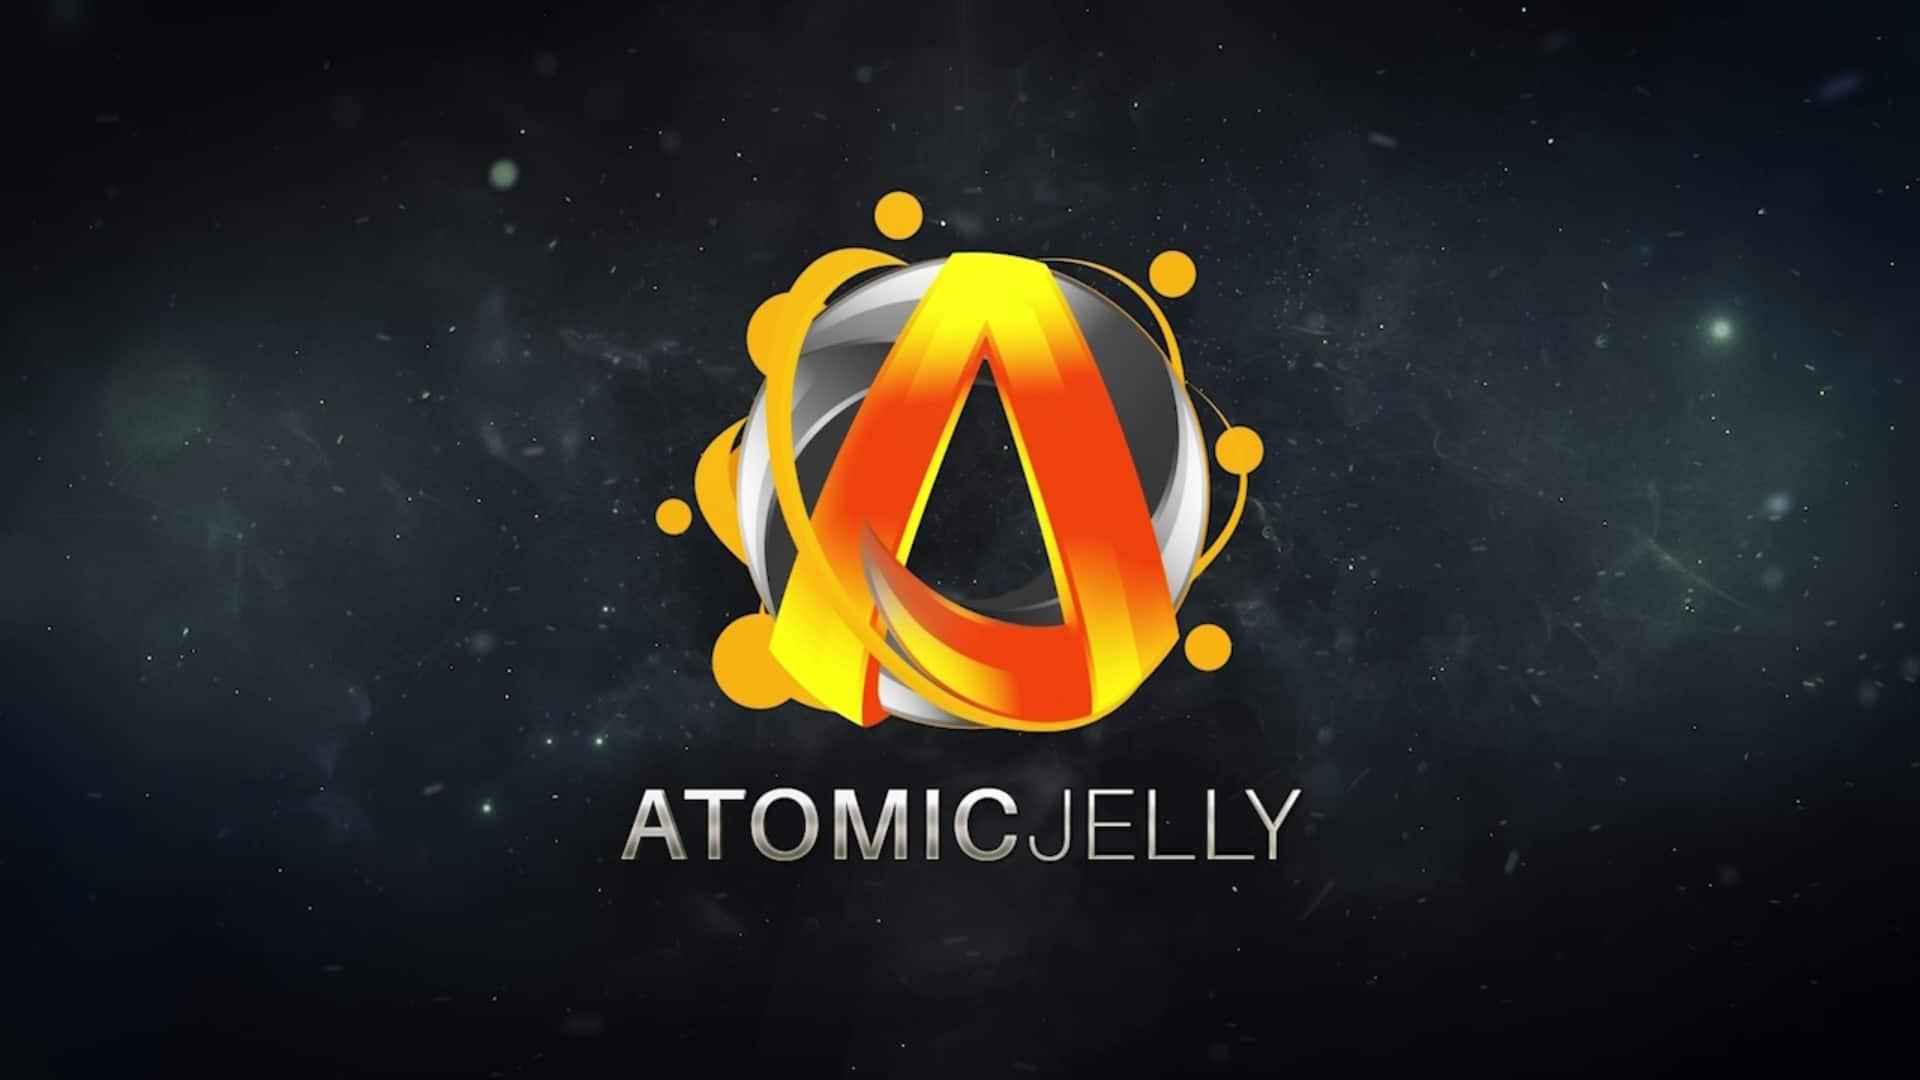 Giełda Papierów Wartościowych podjęła uchwałę o wprowadzeniu do obrotu na NewConnect akcji Atomic Jelly (PL)